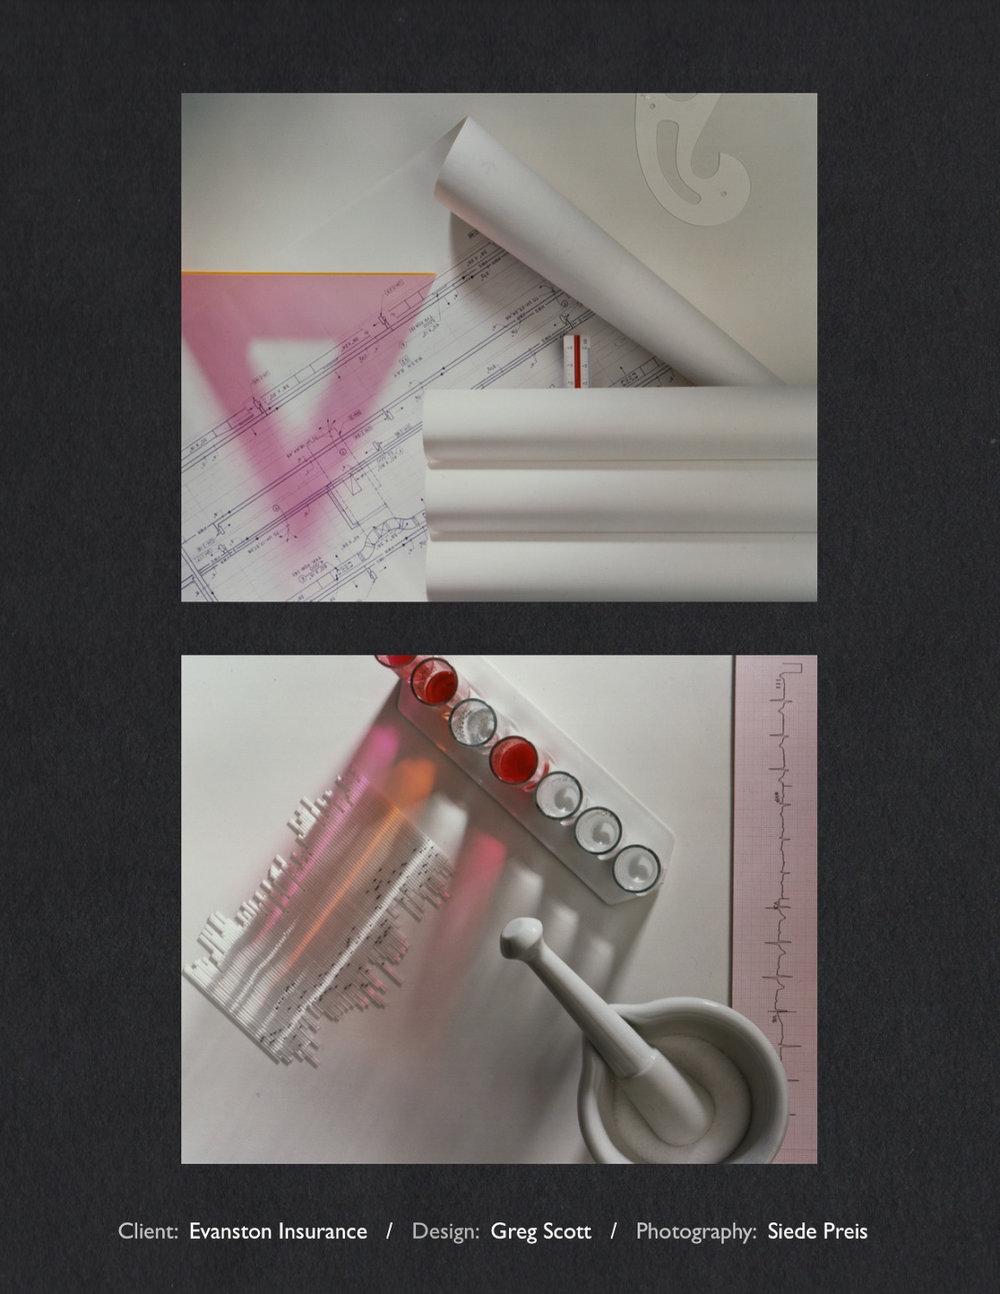 Siede-Preis-PhotographyEvanston Insurance.jpg